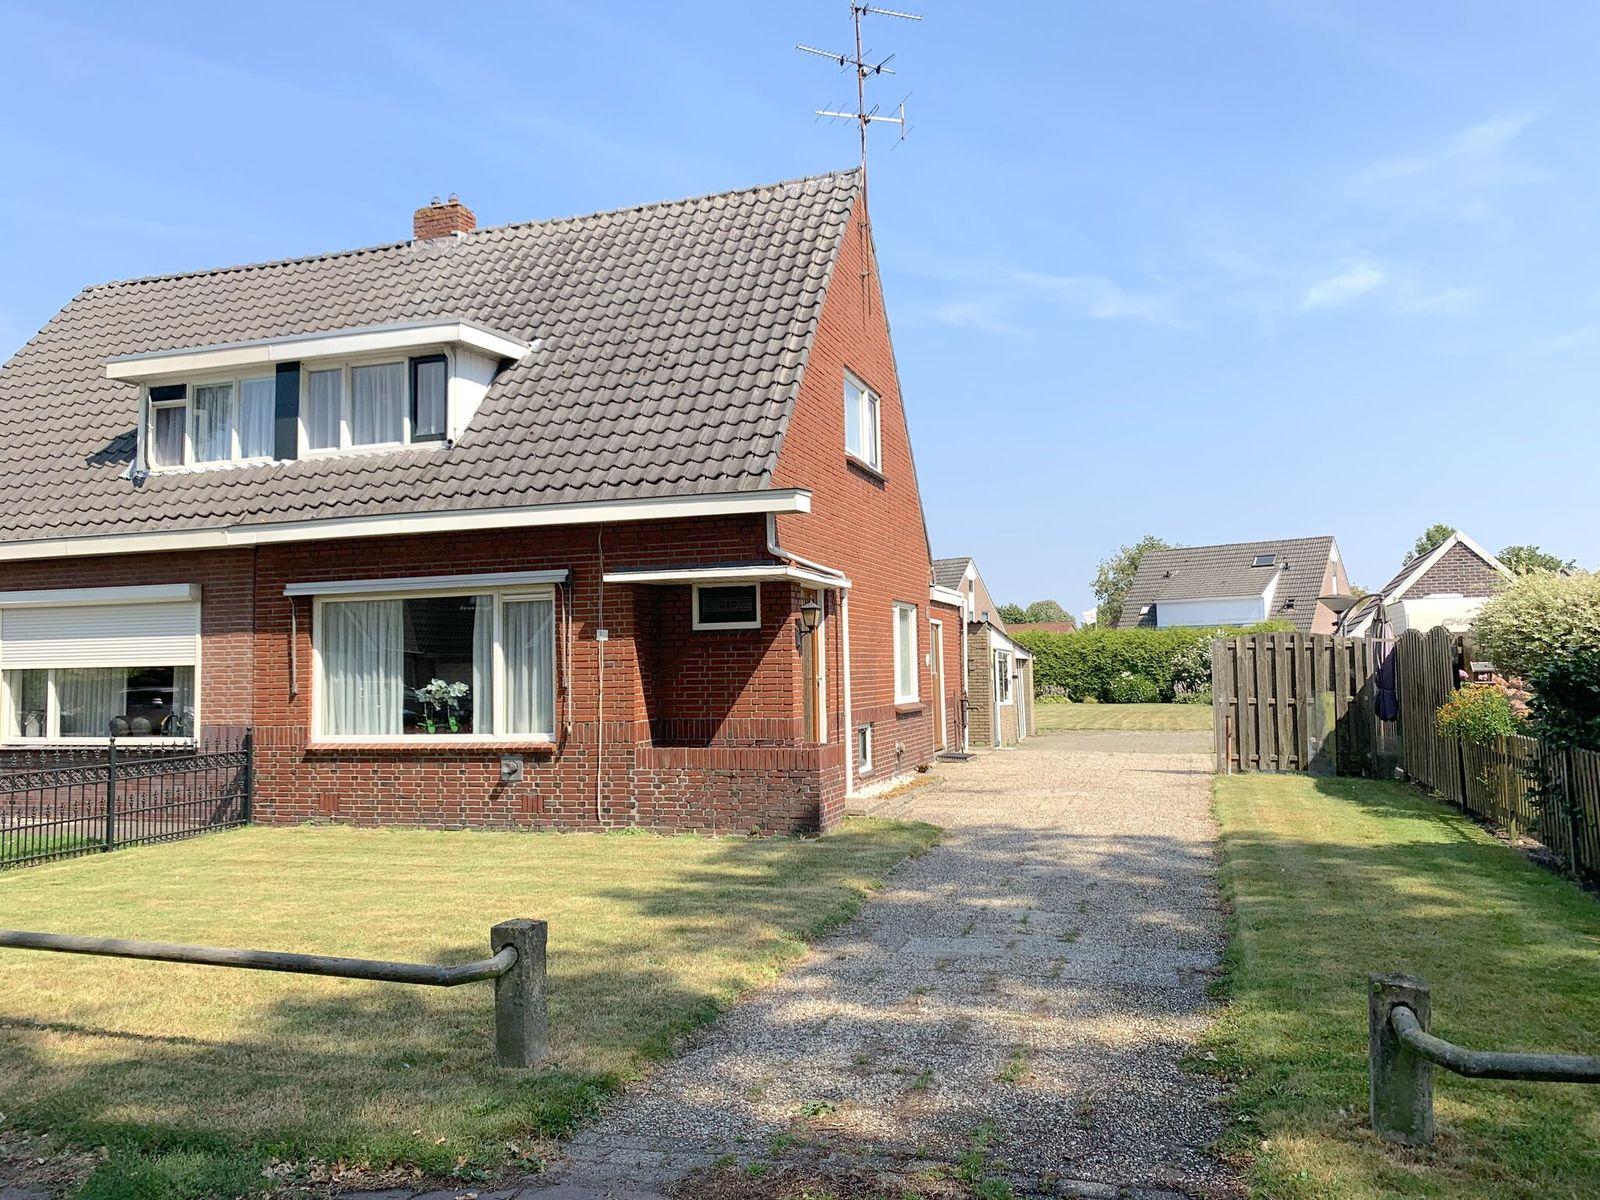 Schooldijk 78, Nieuw-amsterdam